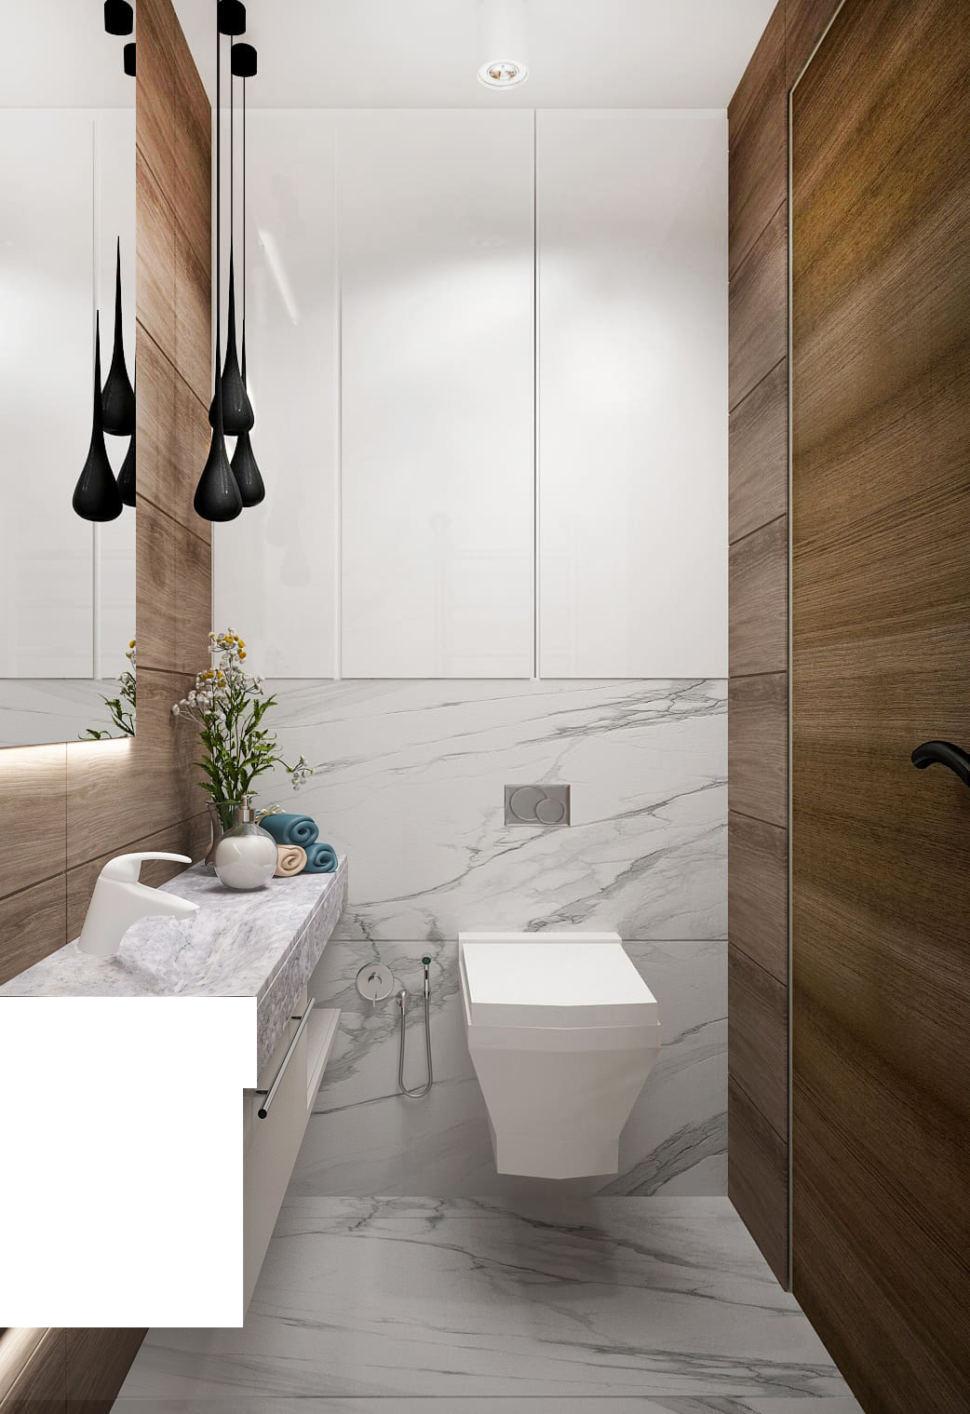 Дизайн интерьера санузла 2 кв.м в белых тонах, белая тумба, подвесные черные светильники, унитаз,керамический гранит